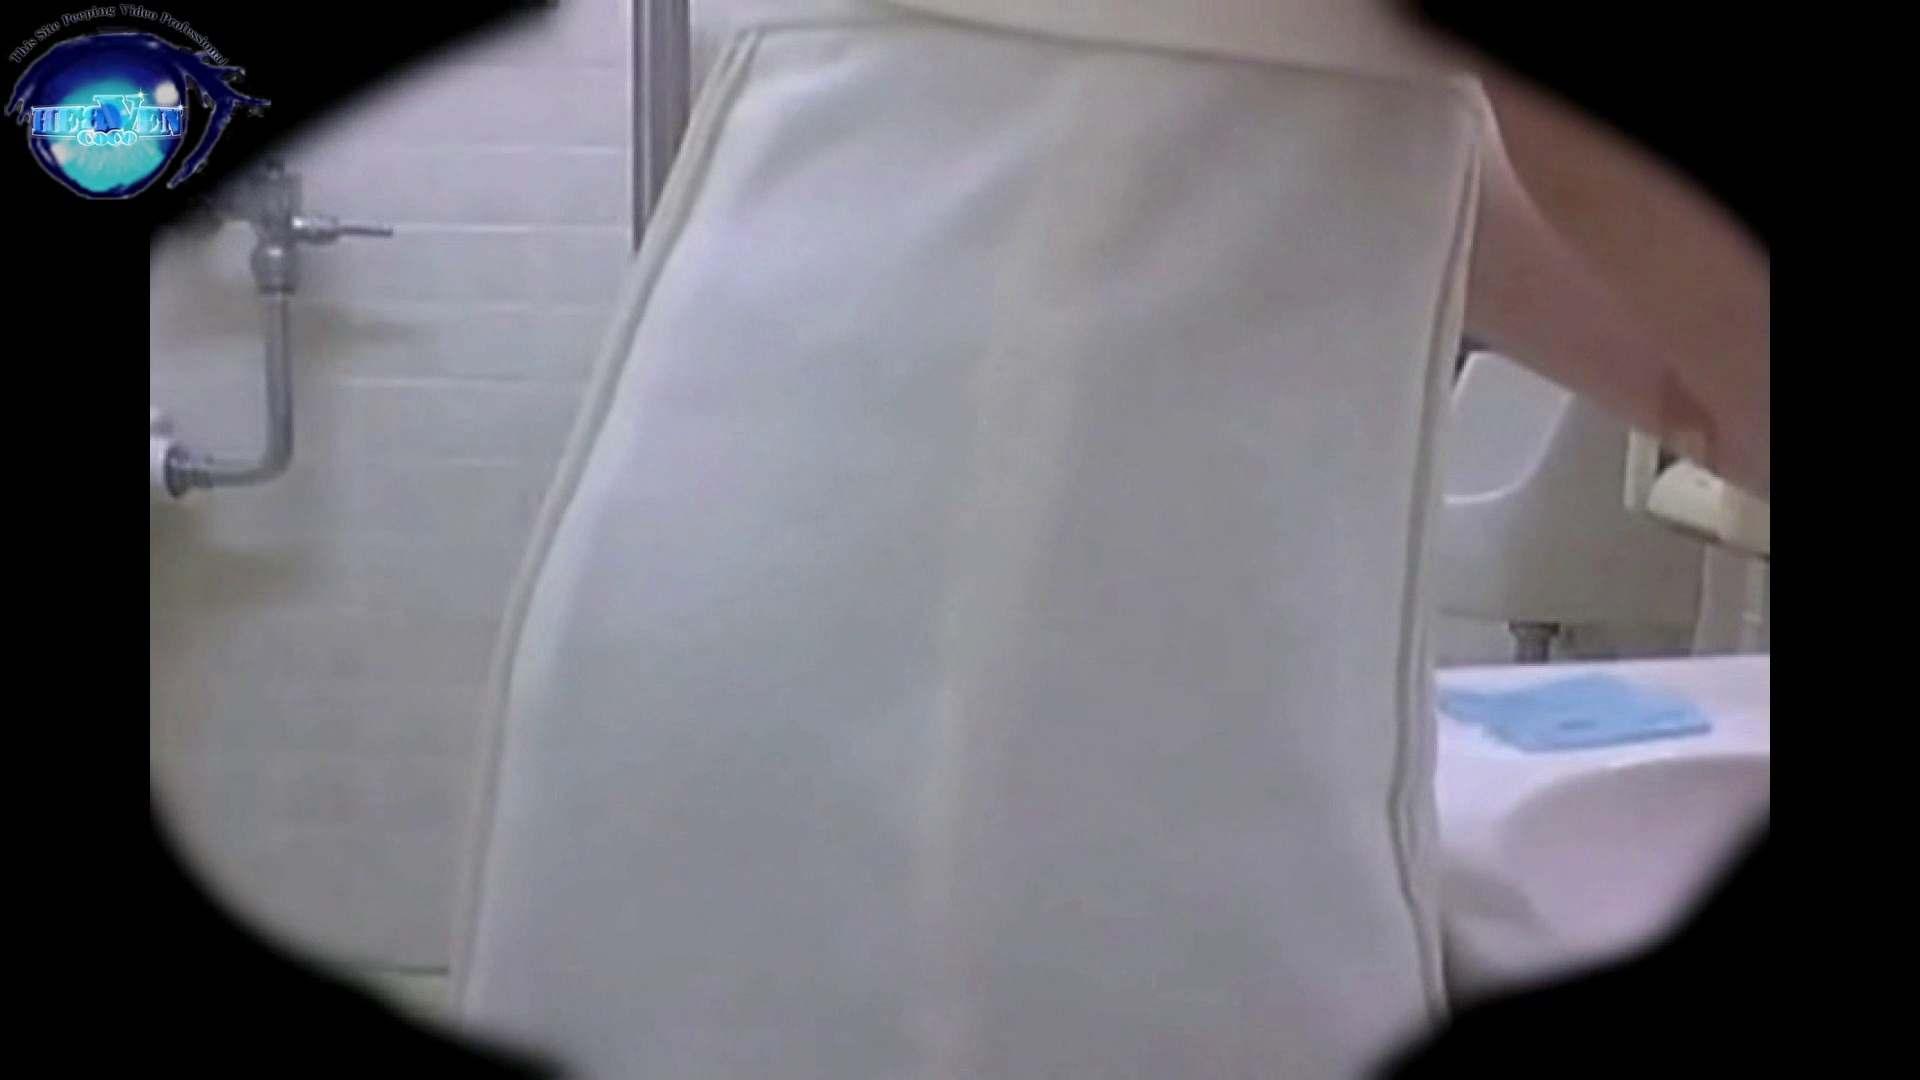 teen galトイレ覗き紙がナイ編‼vol.14 トイレ | 覗き 盗撮 77PIX 19